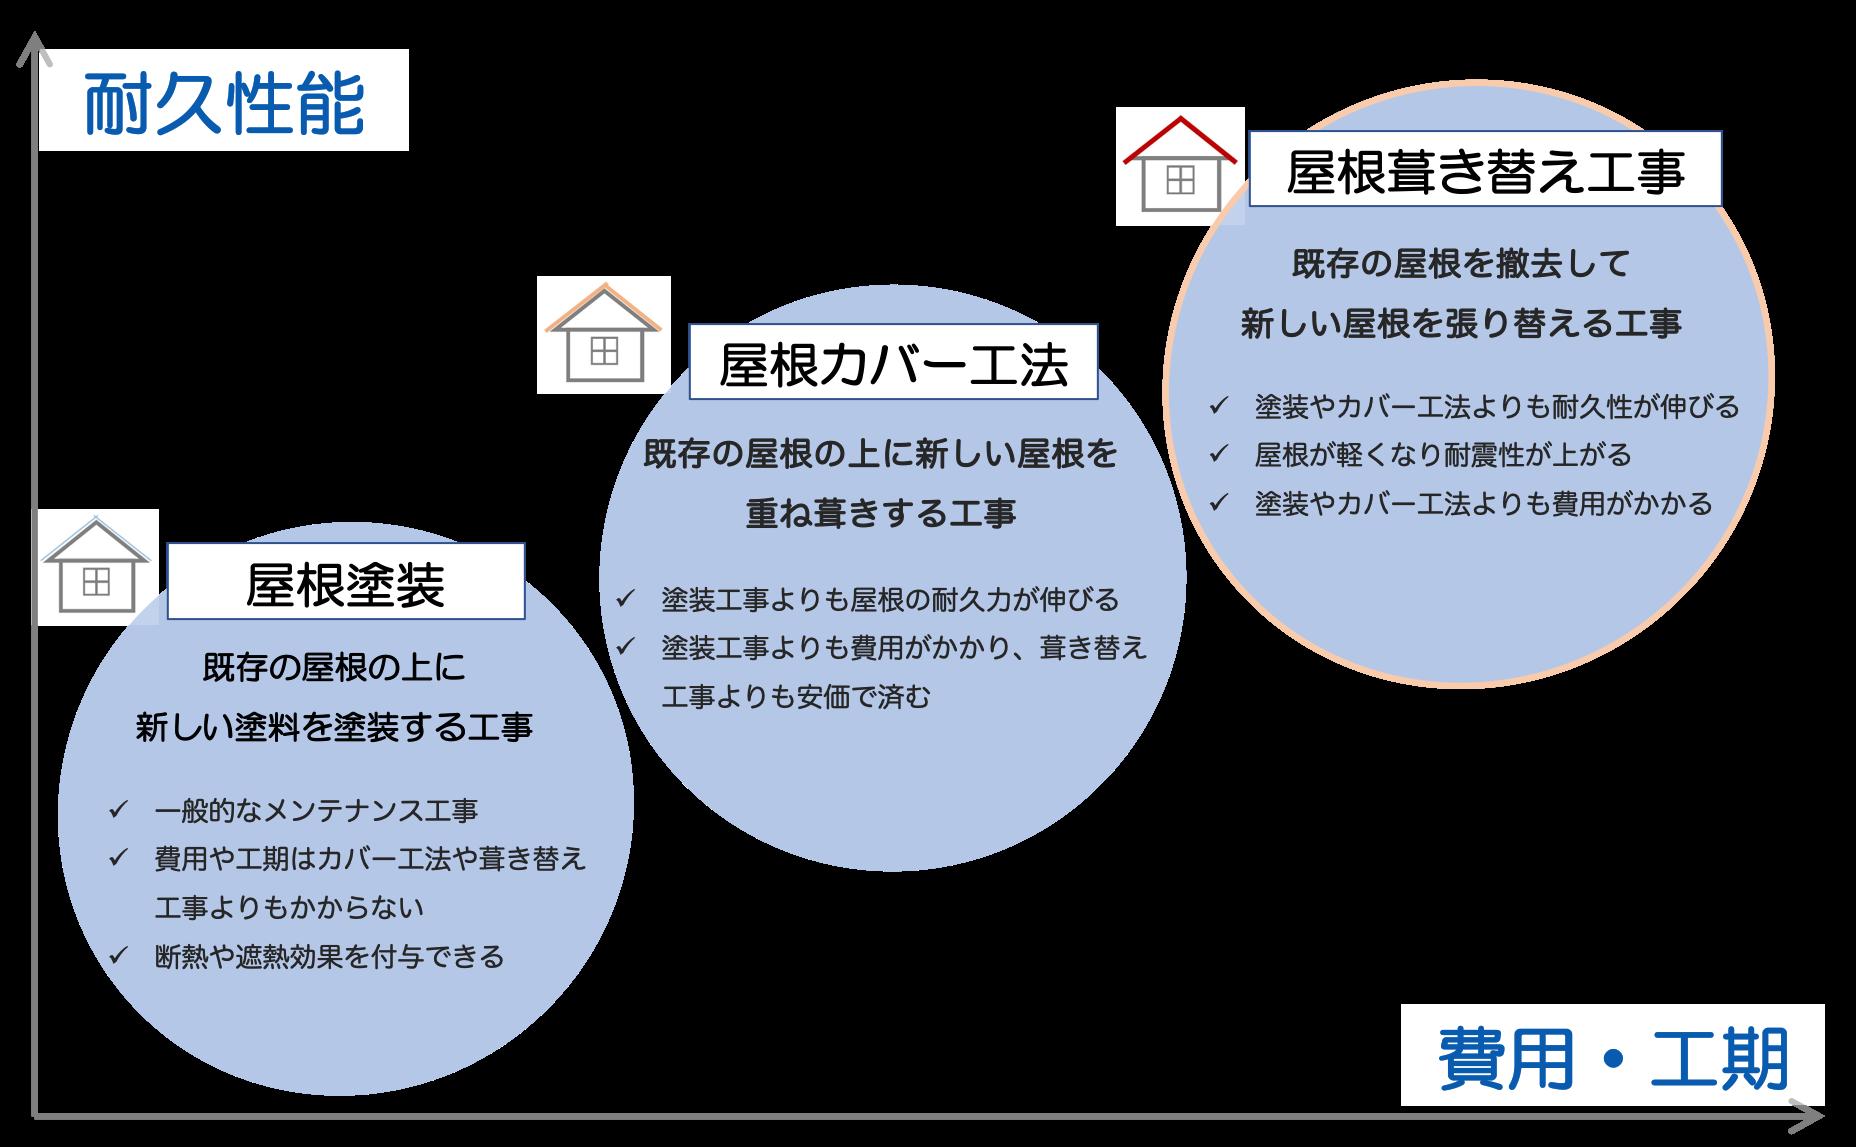 各種屋根工事の比較。屋根葺き替え工事